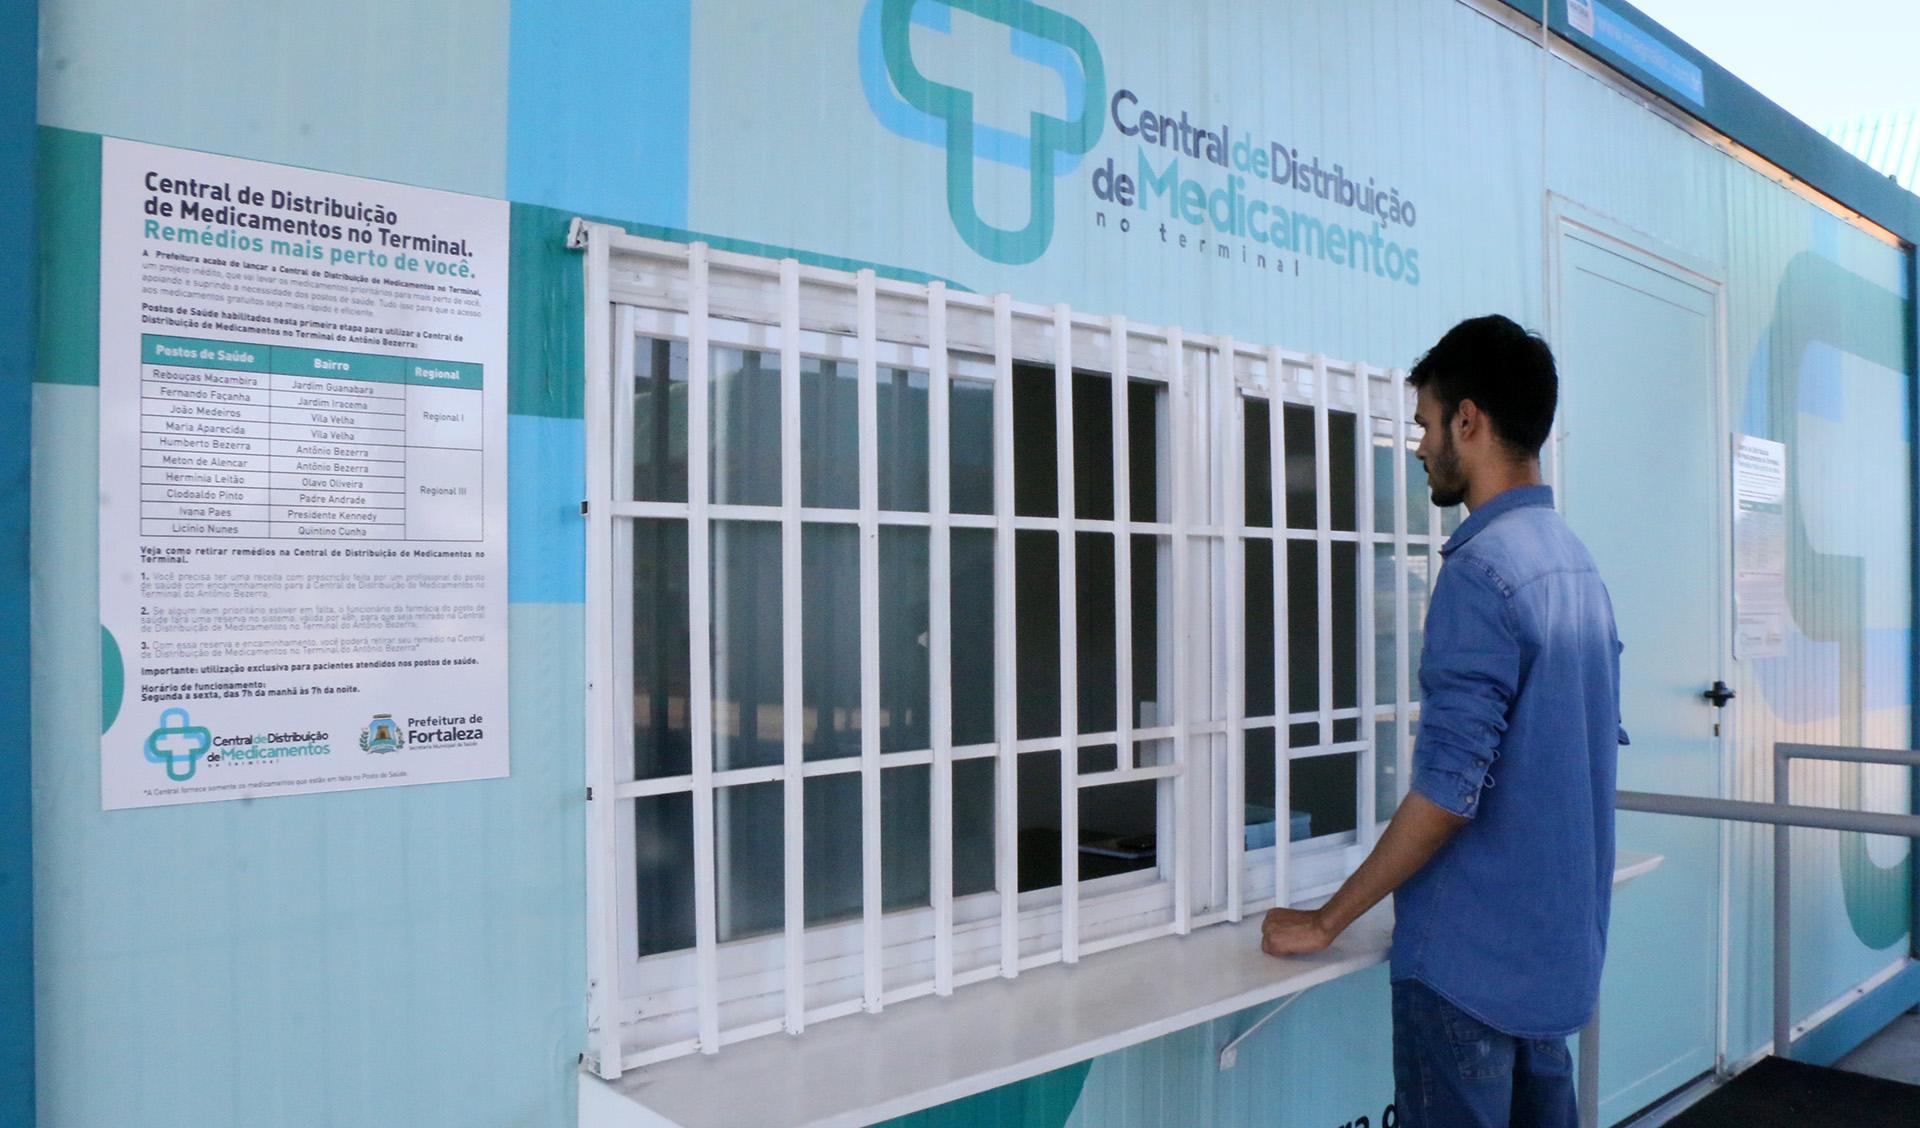 De agosto pra cá foram implantadas três Centrais nos Terminais do Antônio Bezerra, Conjunto Ceará e Siqueira